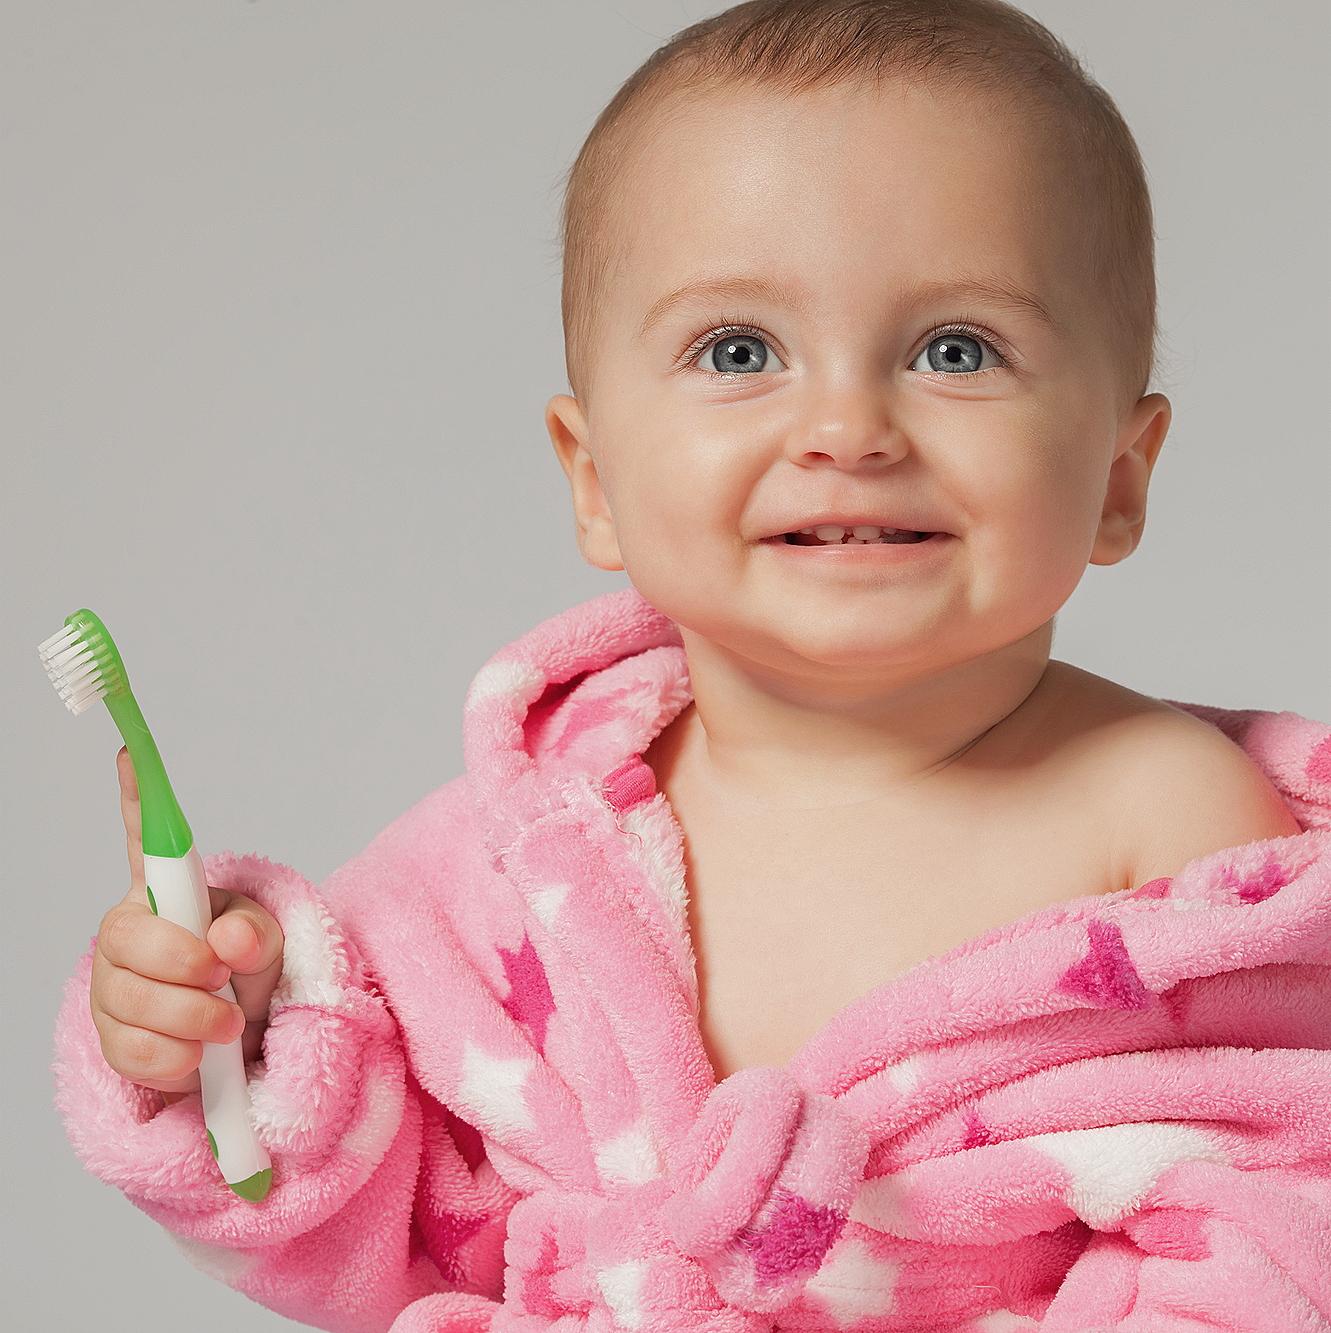 Baby Teeth Need Love Too!